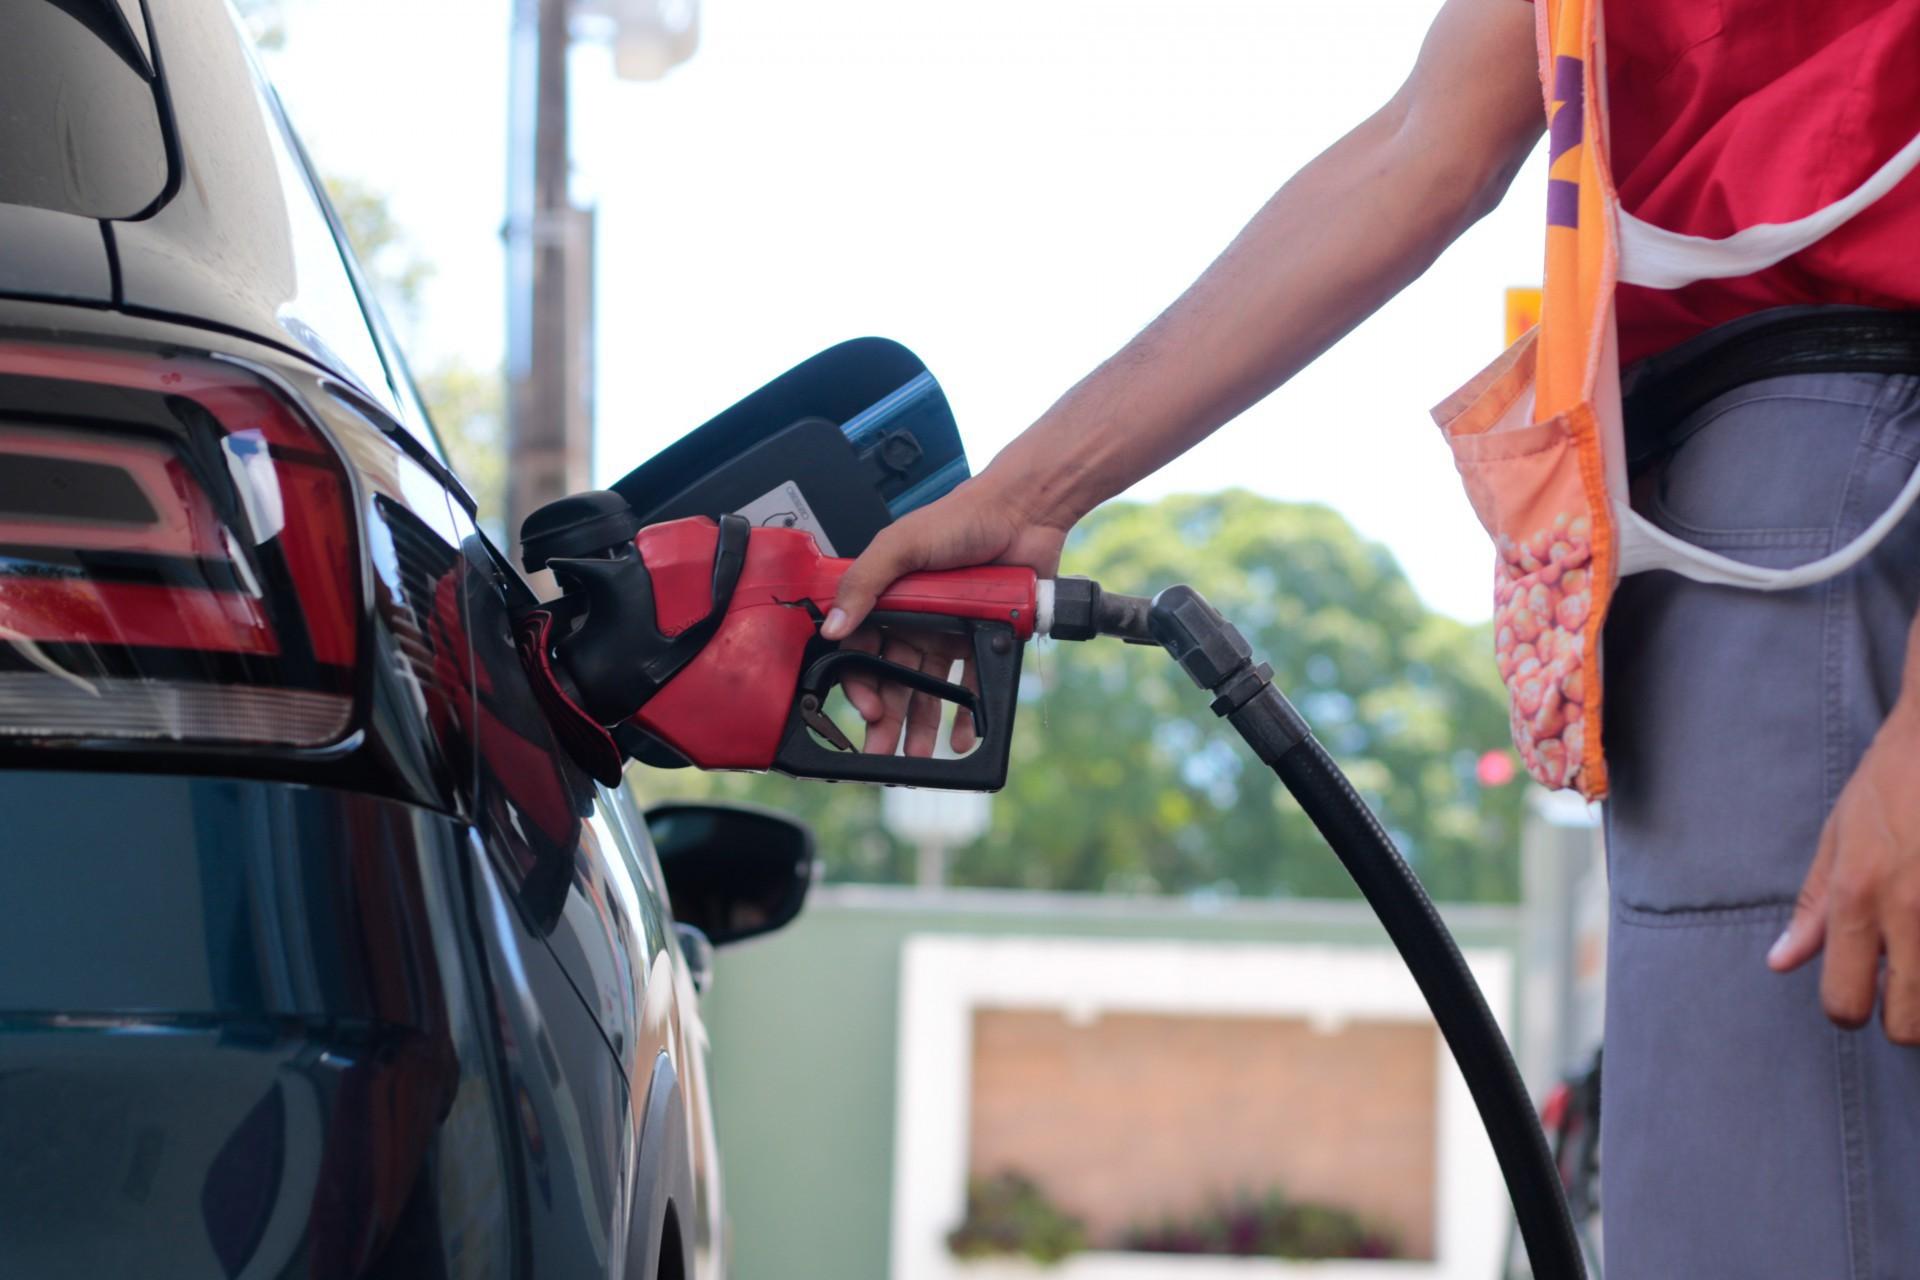 Etanol  o preço máximo na bomba no Ceará equivale a 94,6% da gasolina  (Foto: BARBARA MOIRA )